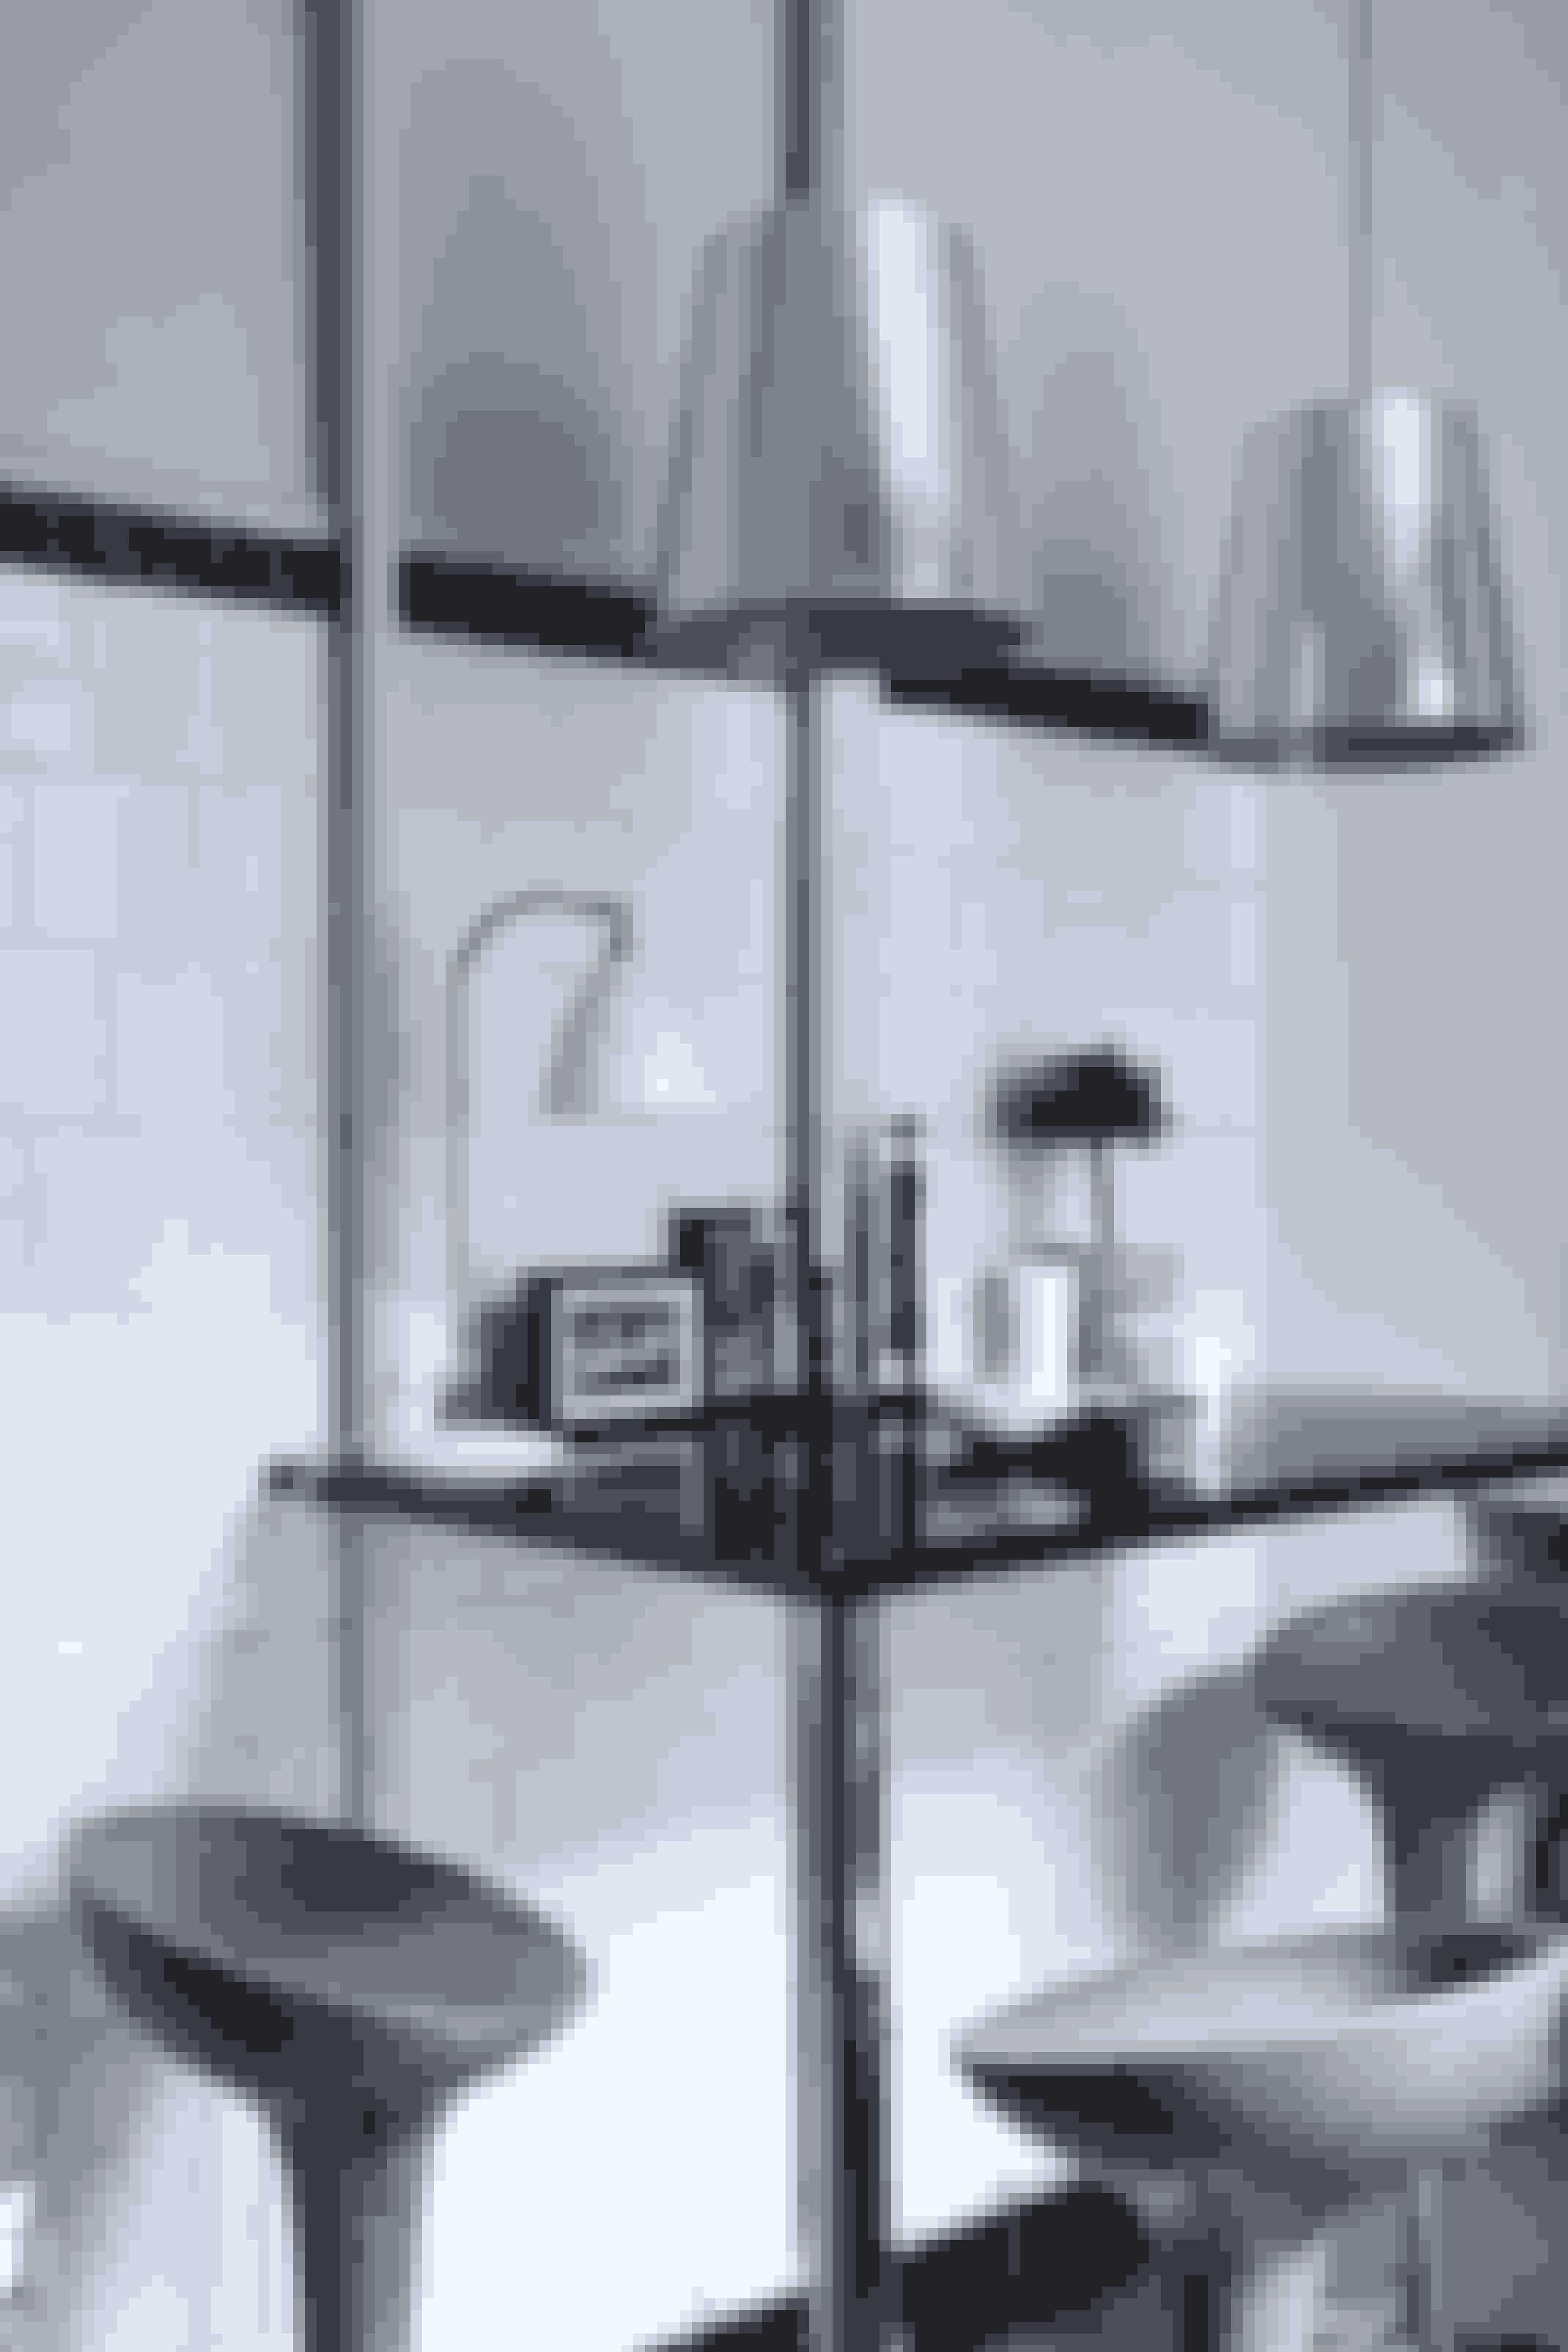 Sæt hvide fliser op forskudt og afslut med en mørk bort. Tilsæt et højt bord, barstole og rå lamper – det giver en helt særlig blanding af slagterbutik og fransk café. Bordpladen her er hjemmelavet af sortlakerede mdf-plader og stålben fra Ikea.